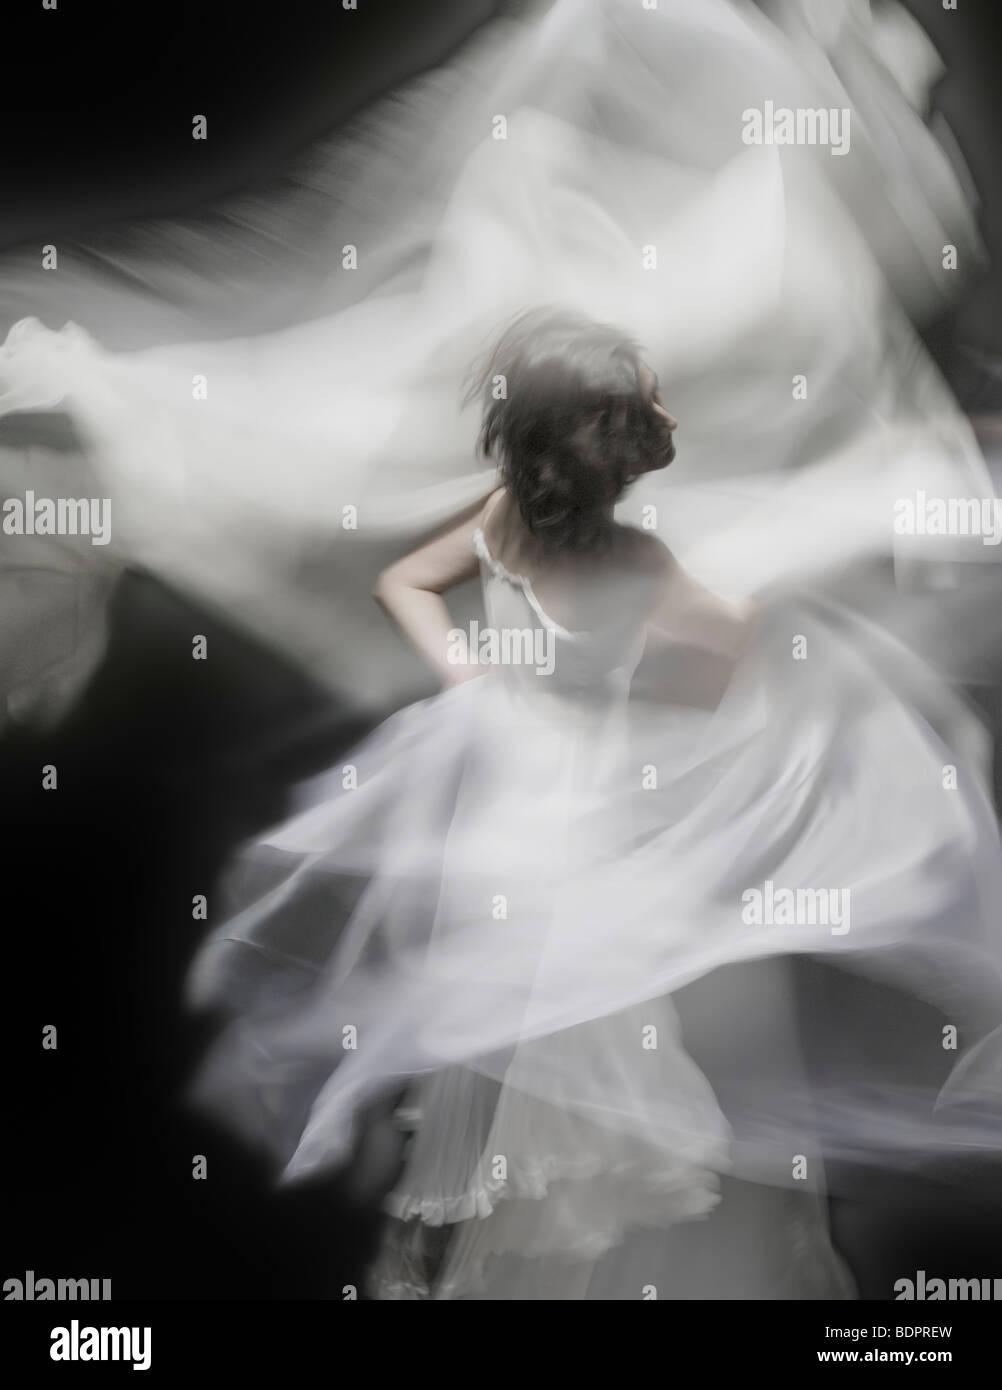 Une jeune femme danser avec une robe blanche Photo Stock